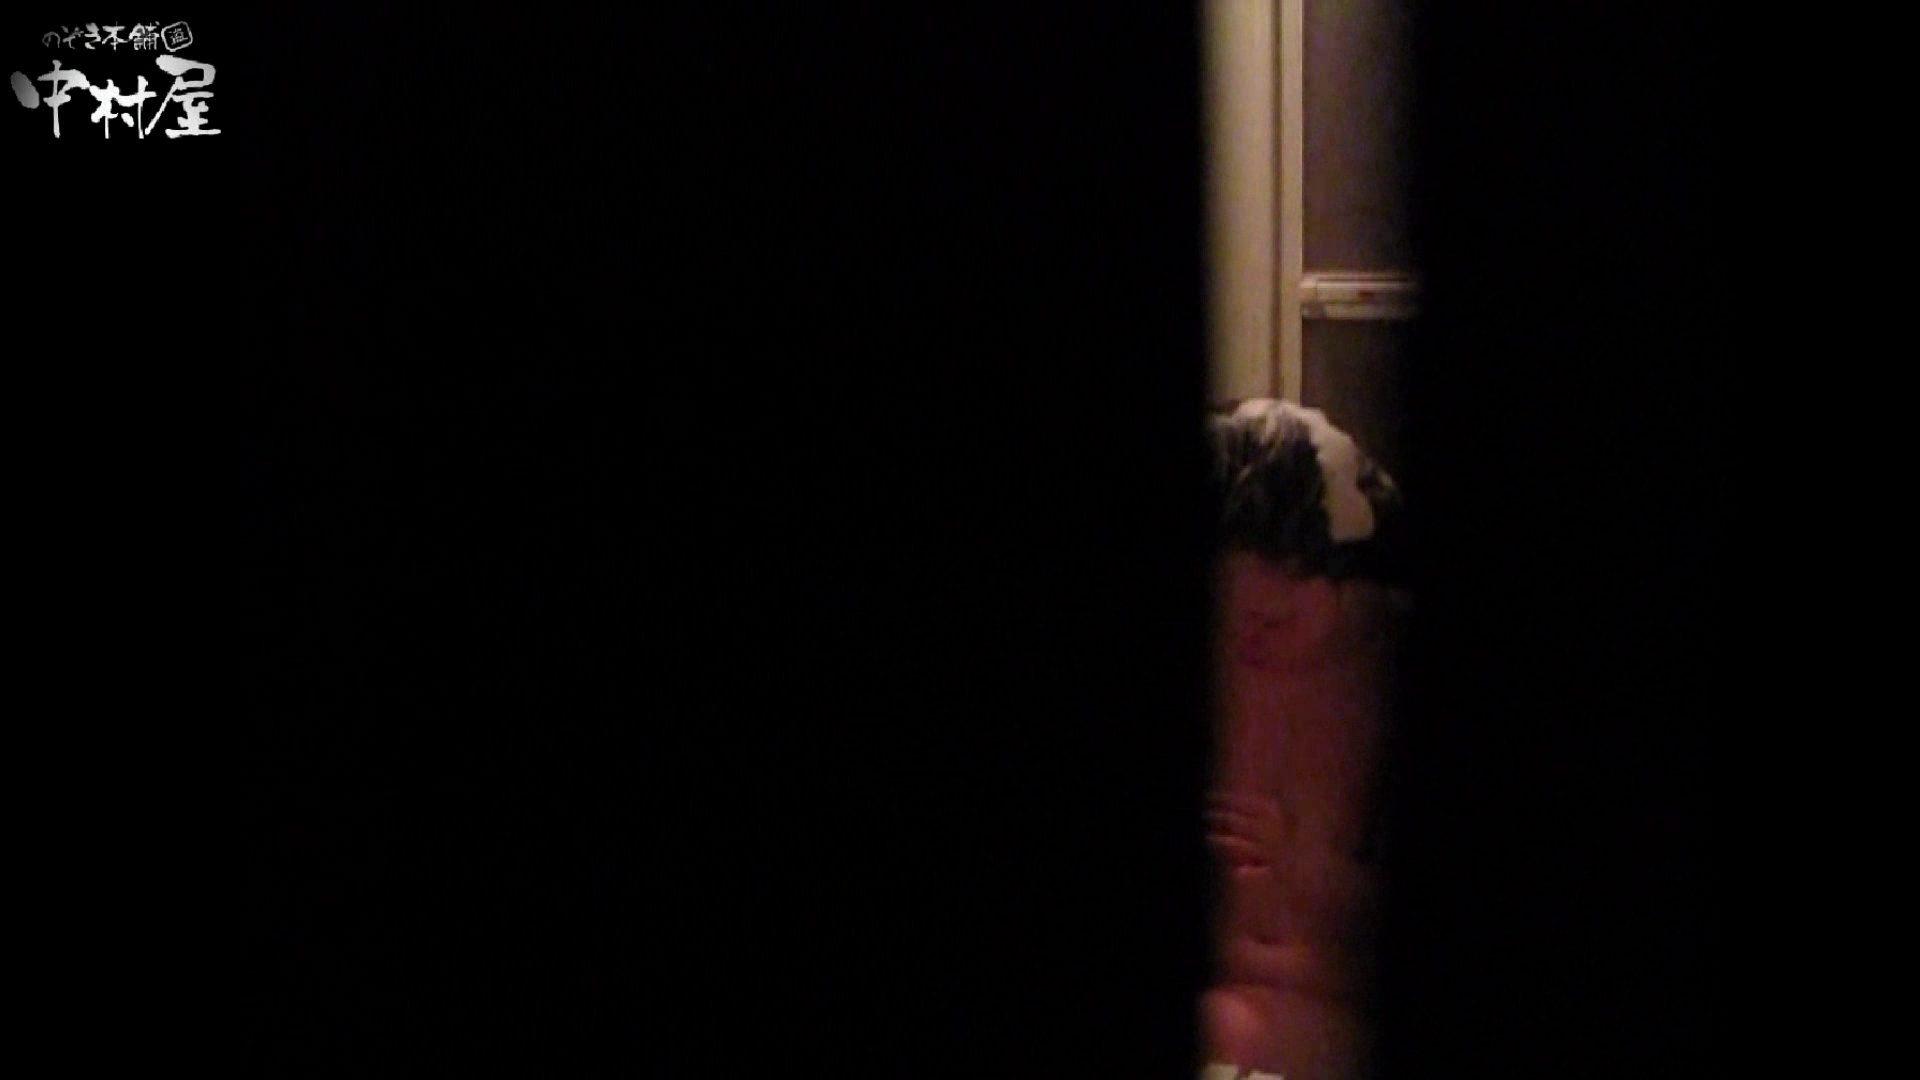 民家風呂専門盗撮師の超危険映像 vol.004 民家   美少女ヌード  80pic 32